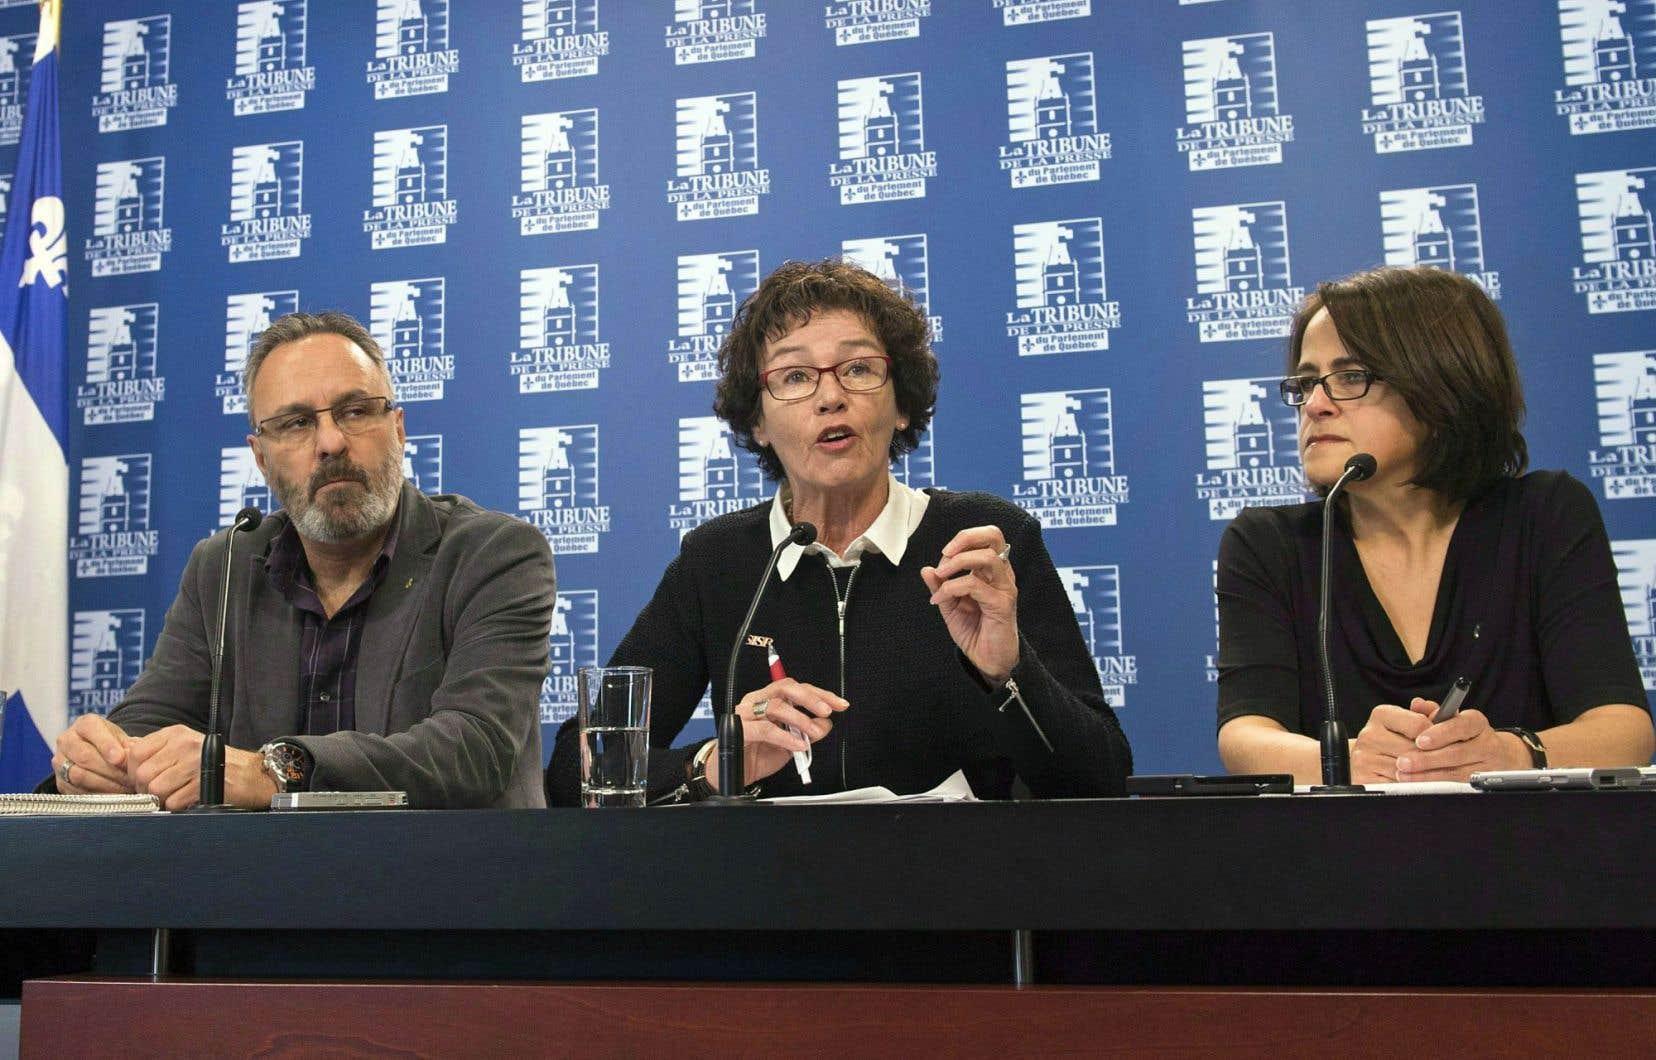 Les chefs syndicaux du Front commun (ci-dessus, Daniel Boyer (FTQ), Louise Chabot (CSN) et Francine Lévesque (CSN)) ont vanté leur entente de principe avec le gouvernement, un scénario qui, disent-ils, évite l'appauvrissement des syndiqués.